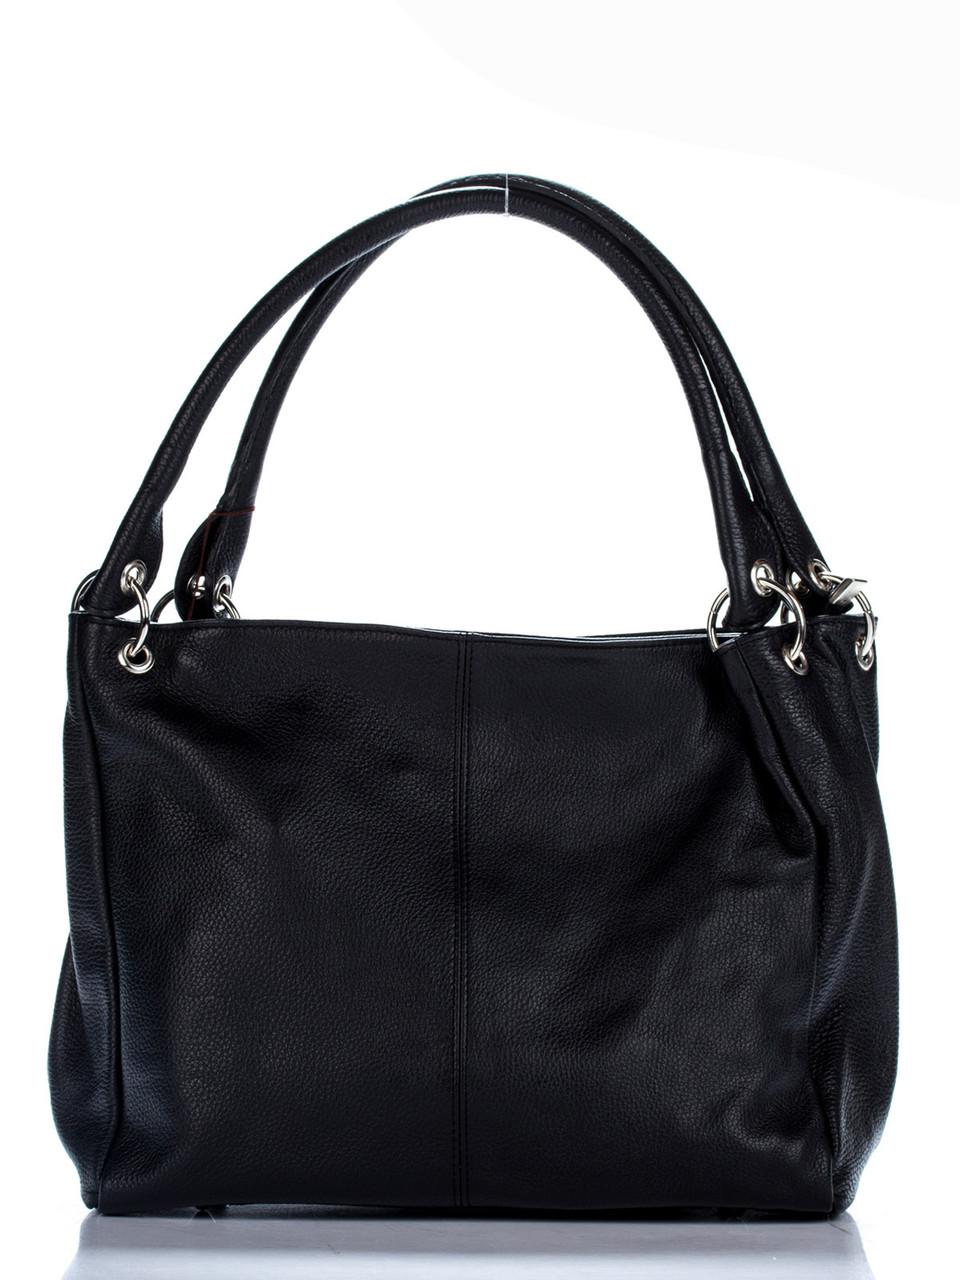 Женская кожаная сумка ASIA Diva's Bag цвет черный